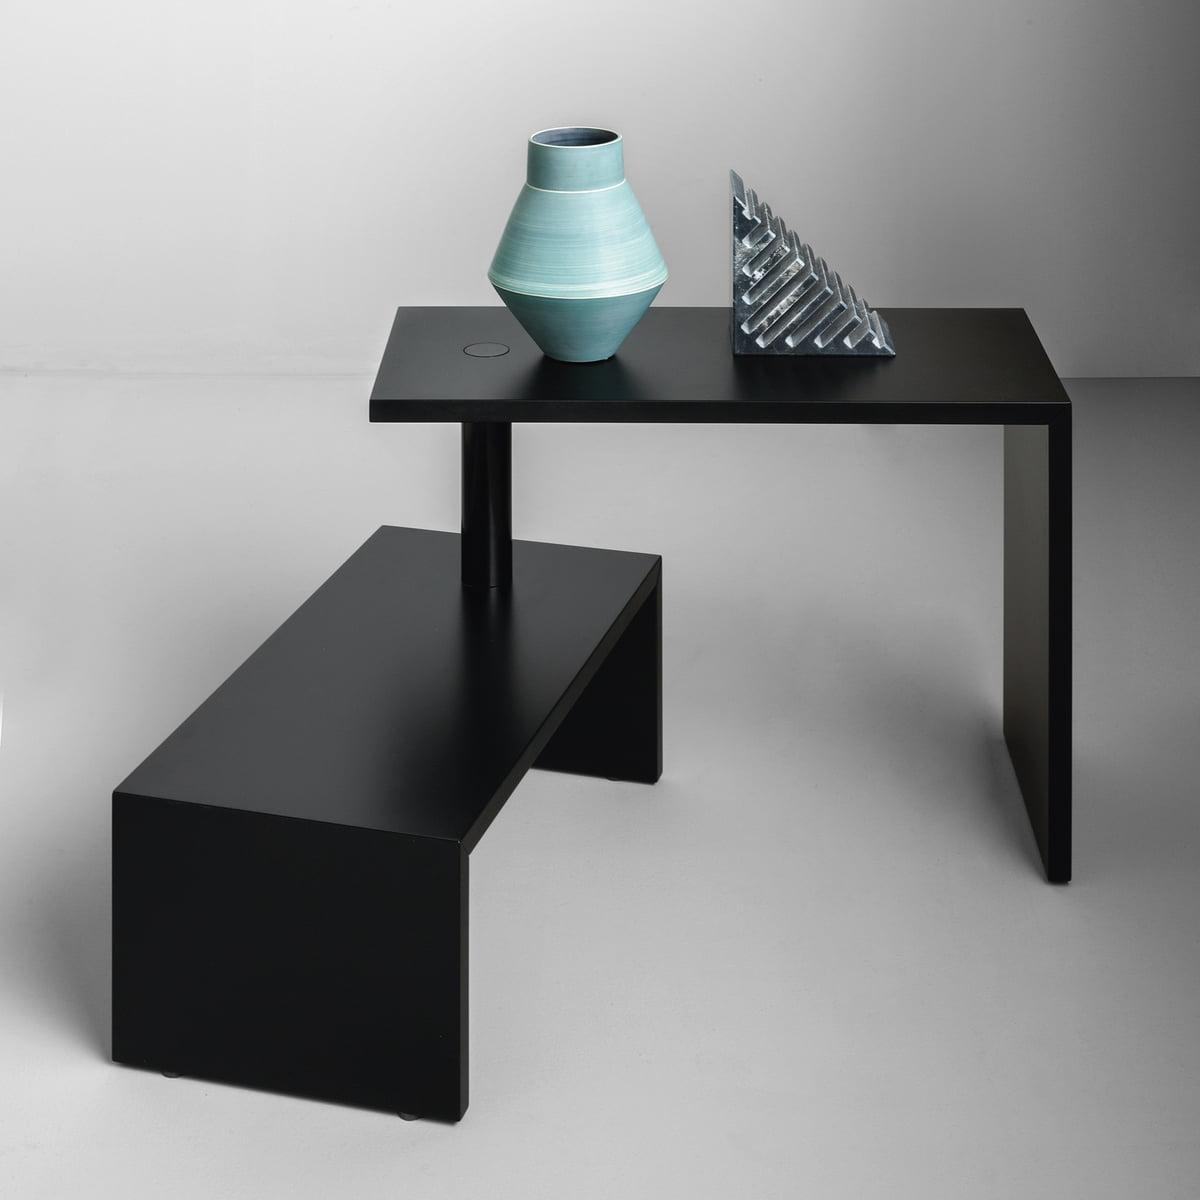 Zanotta Basse Table Table Zanotta Basello2 PcBlancblanc TXPOkZiu